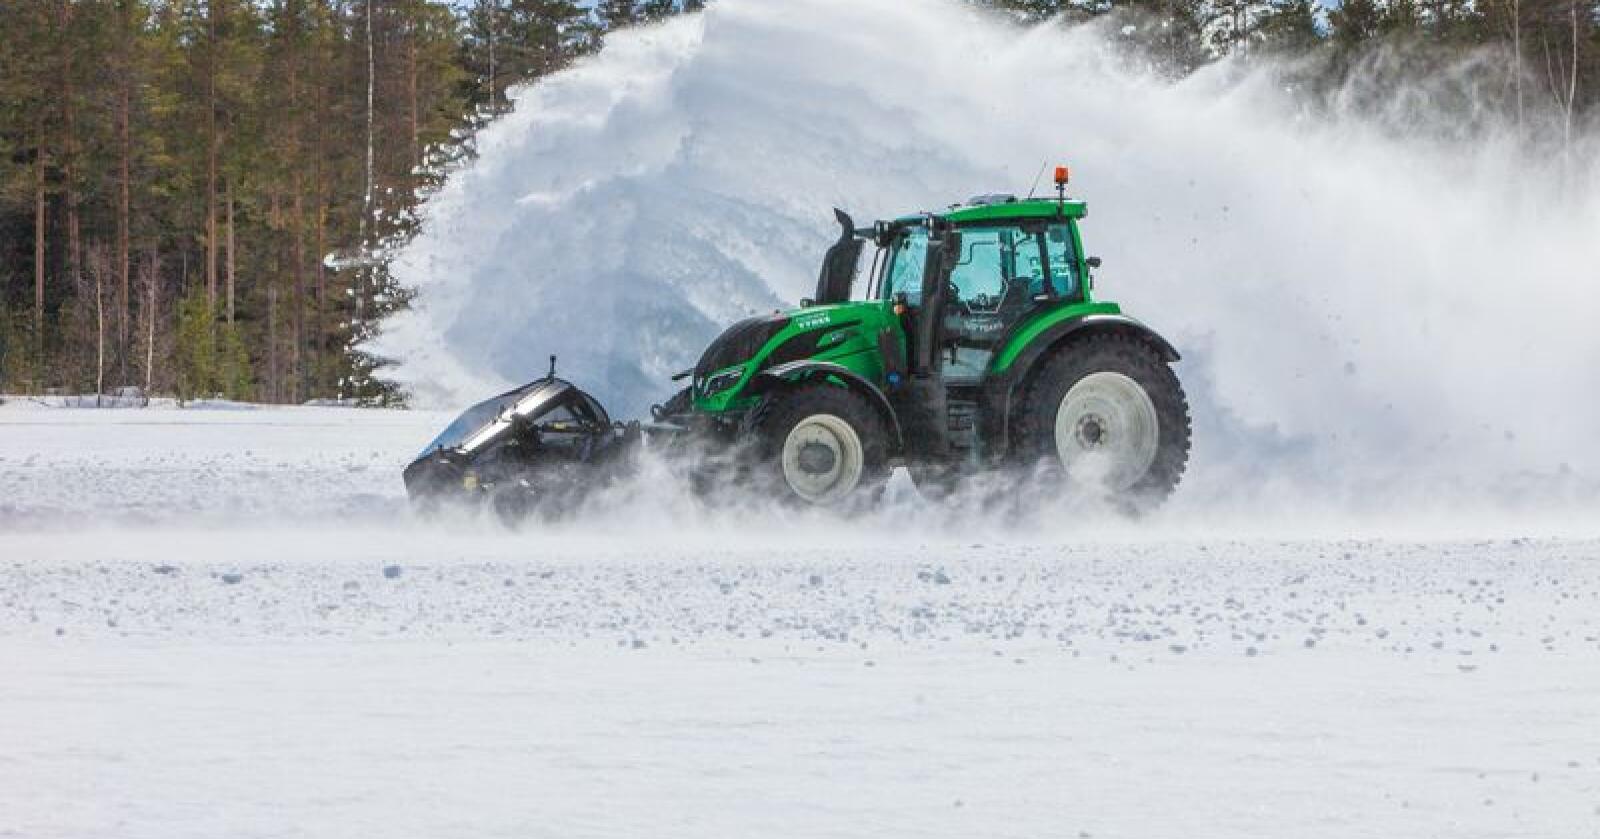 Valtra  og Nokian har satt fartsrekord for selvkjørende traktorer, vel å merke under kontrollerte former.